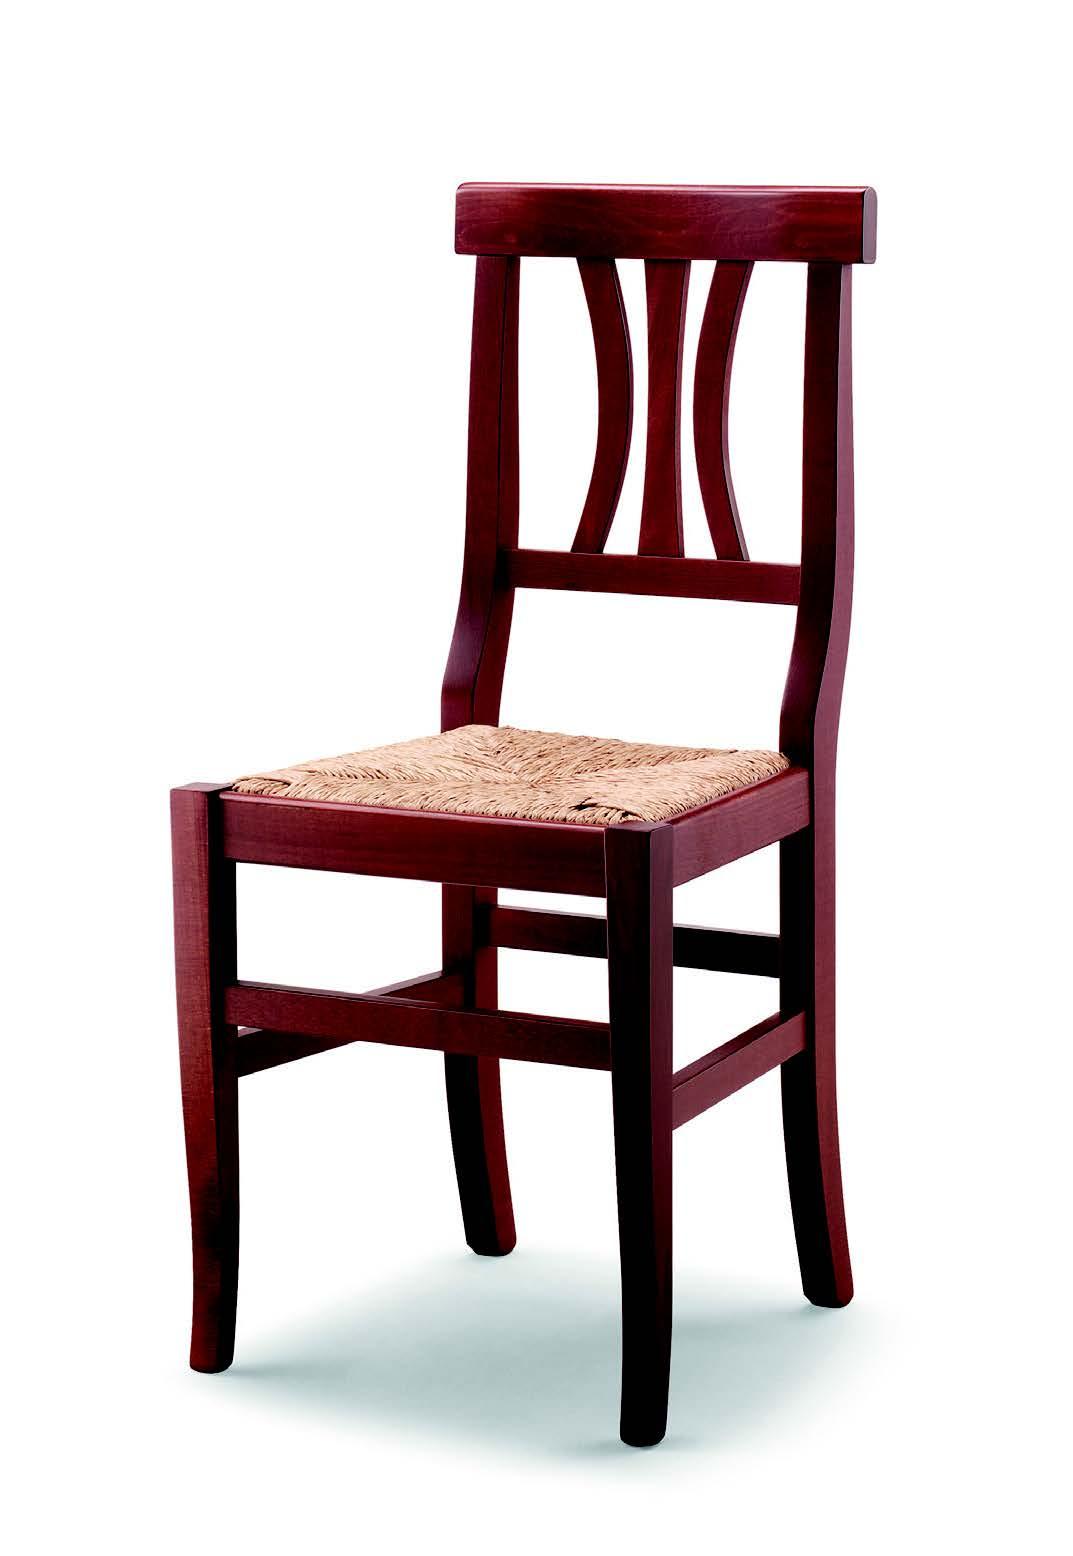 Sedia in faggio fiorella galimberti sedie e tavoli for Galimberti sedie